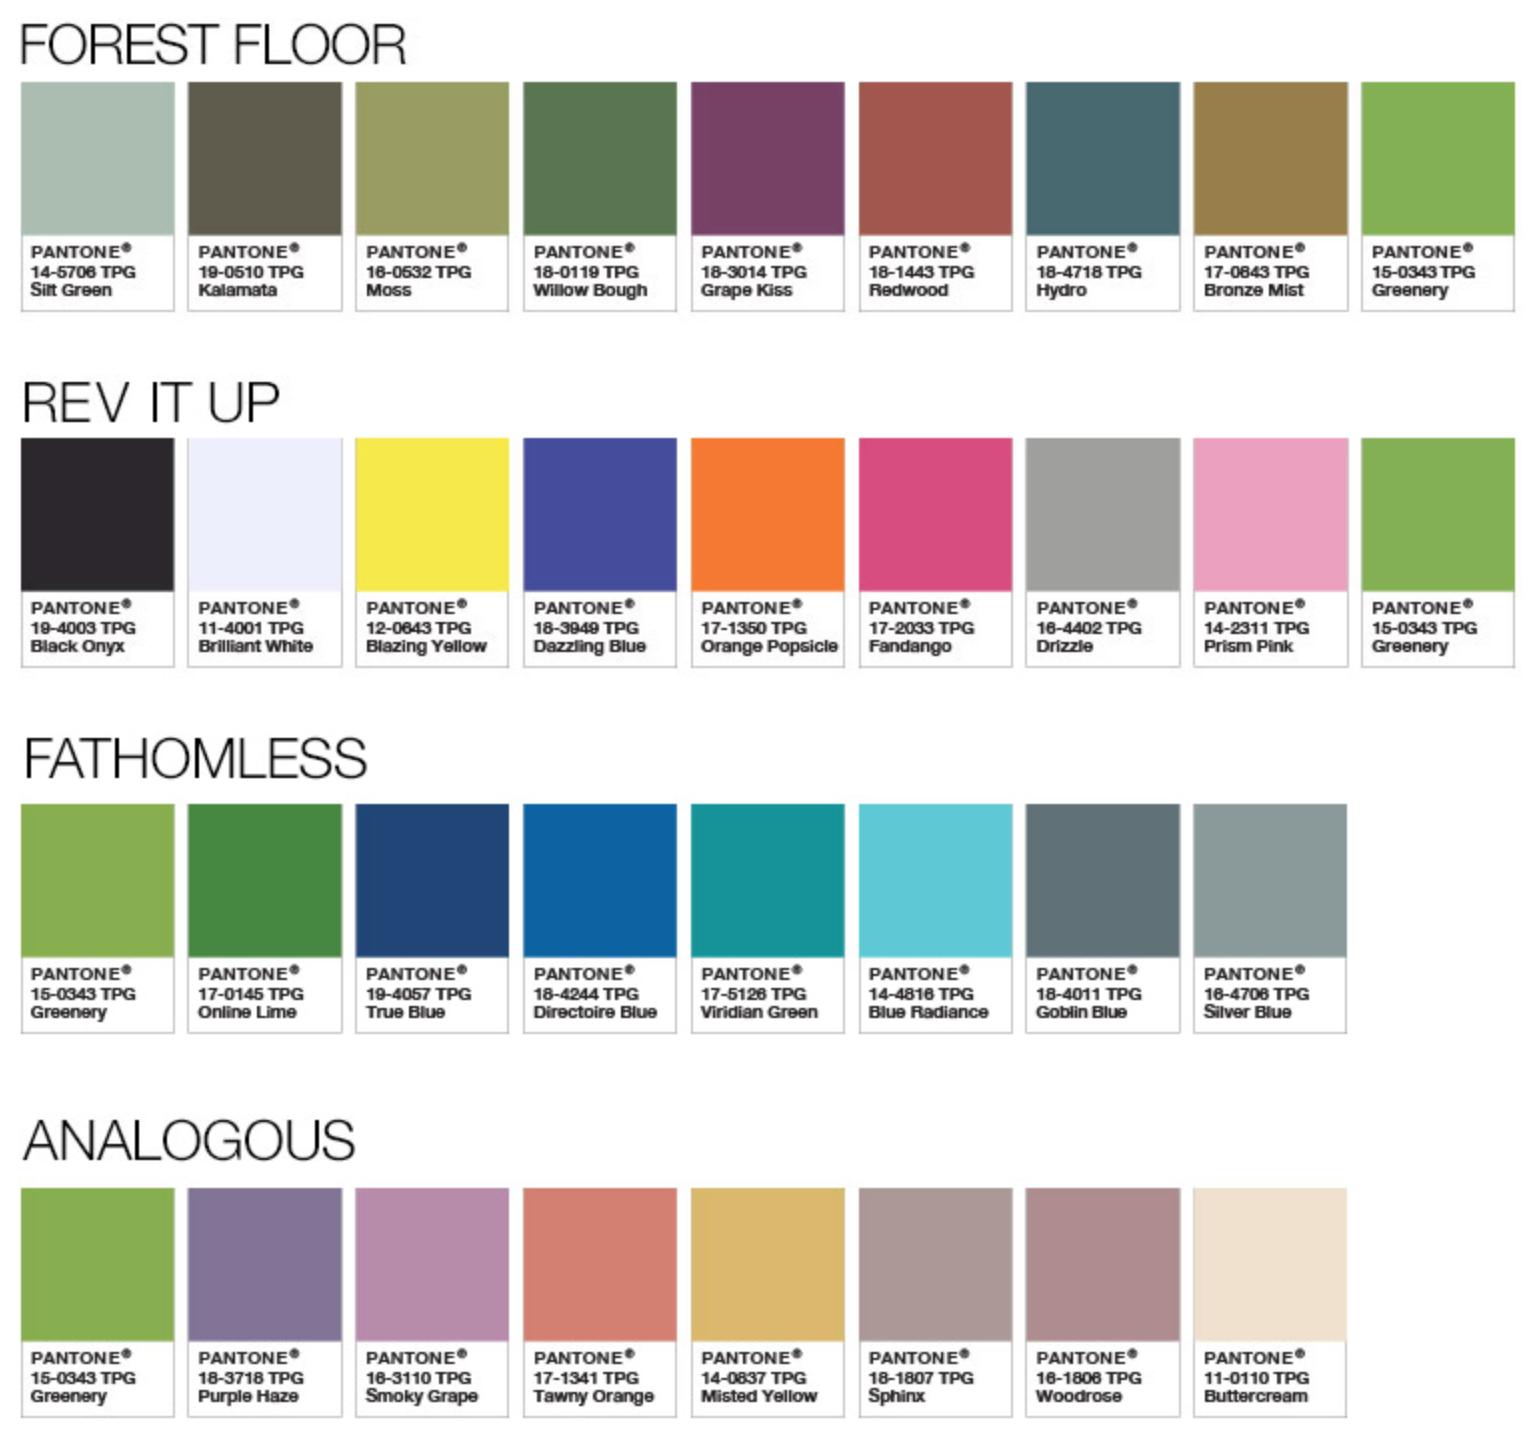 Pantone Color Palettes 2017 Forest Floor Rev It Up Fathomless Ogous